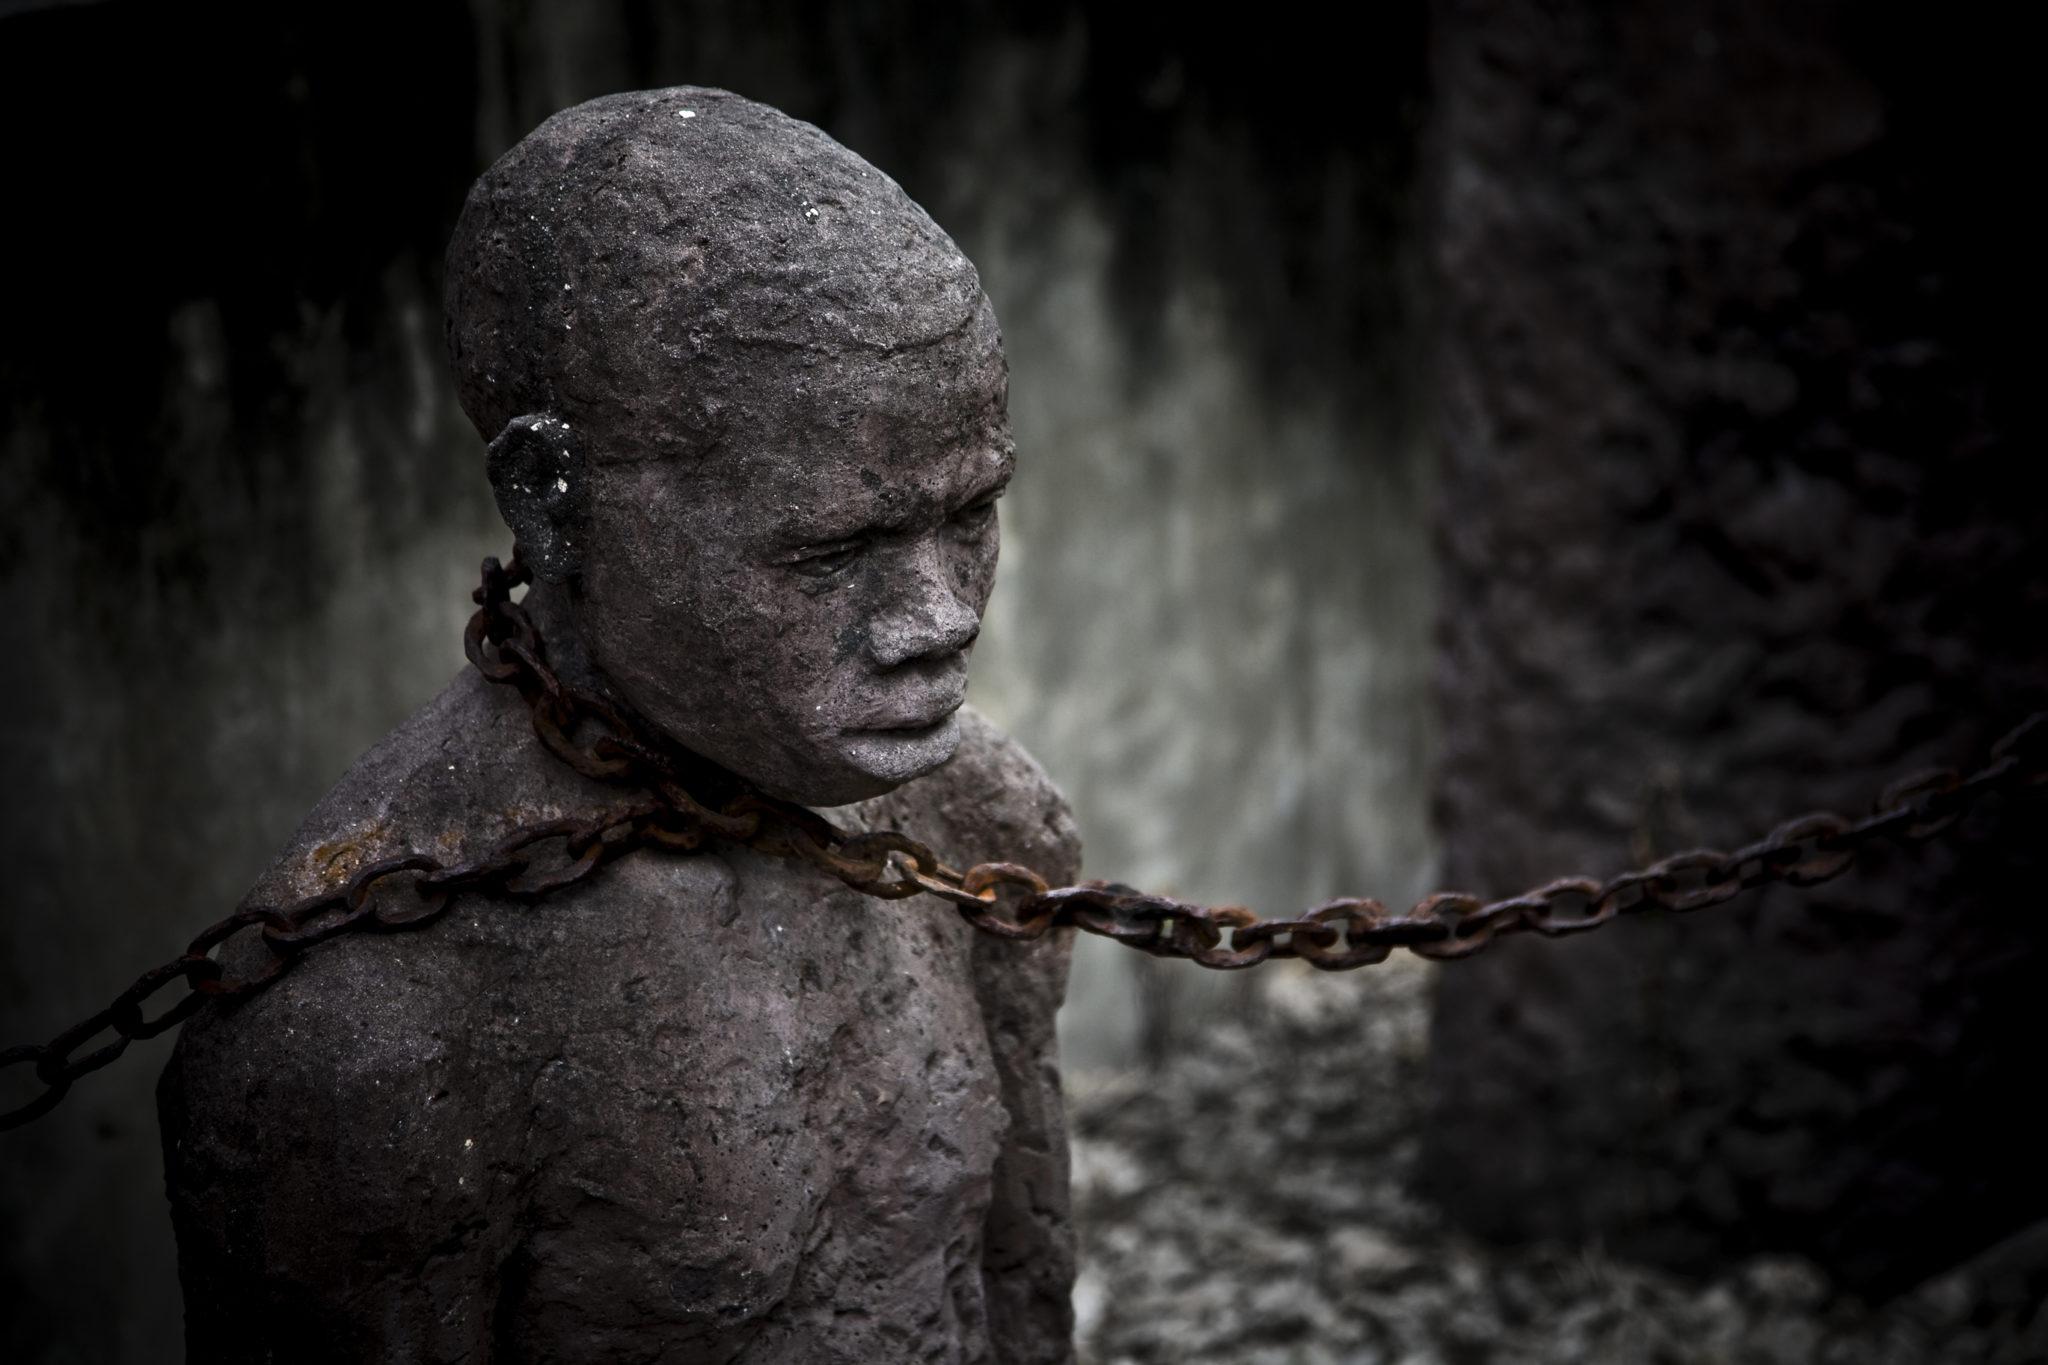 Socha otroka na Slave Marketu